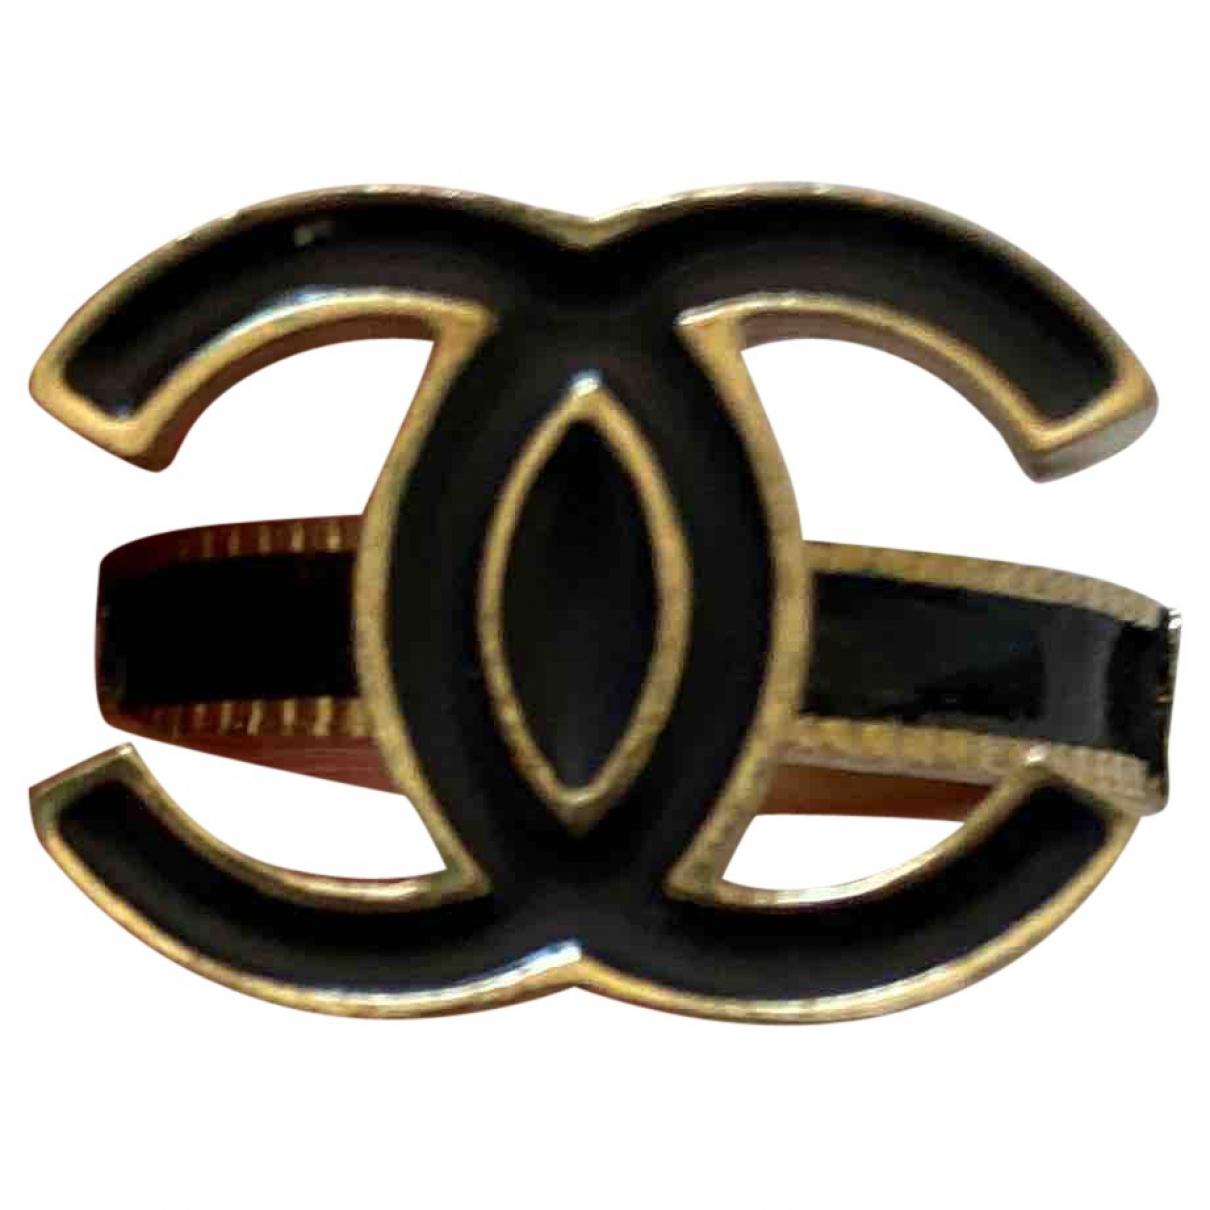 Anillo CC Chanel